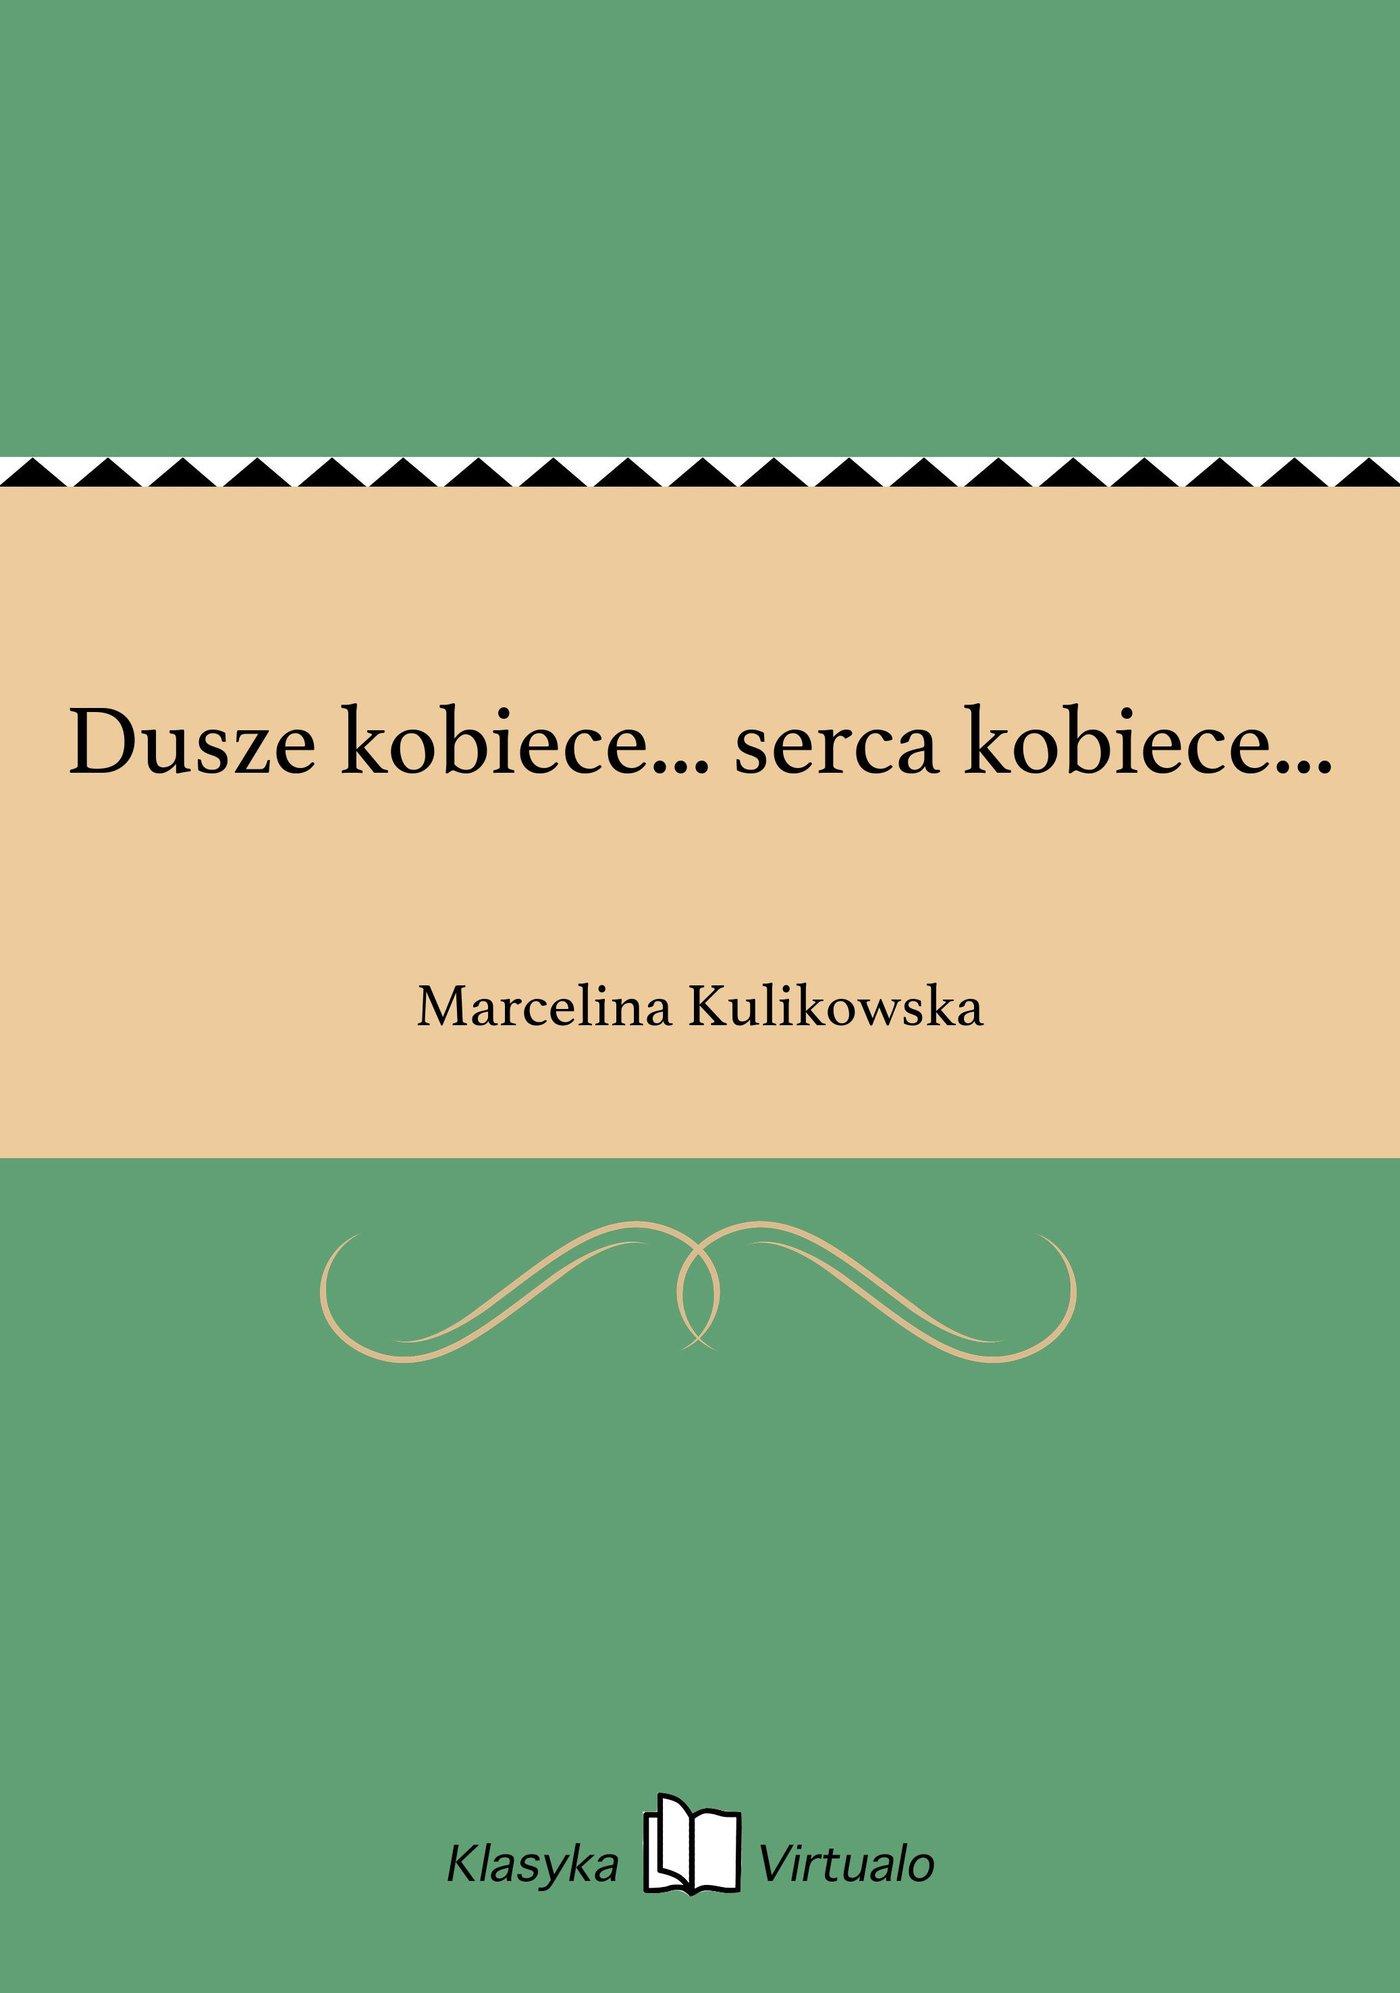 Dusze kobiece... serca kobiece... - Ebook (Książka na Kindle) do pobrania w formacie MOBI